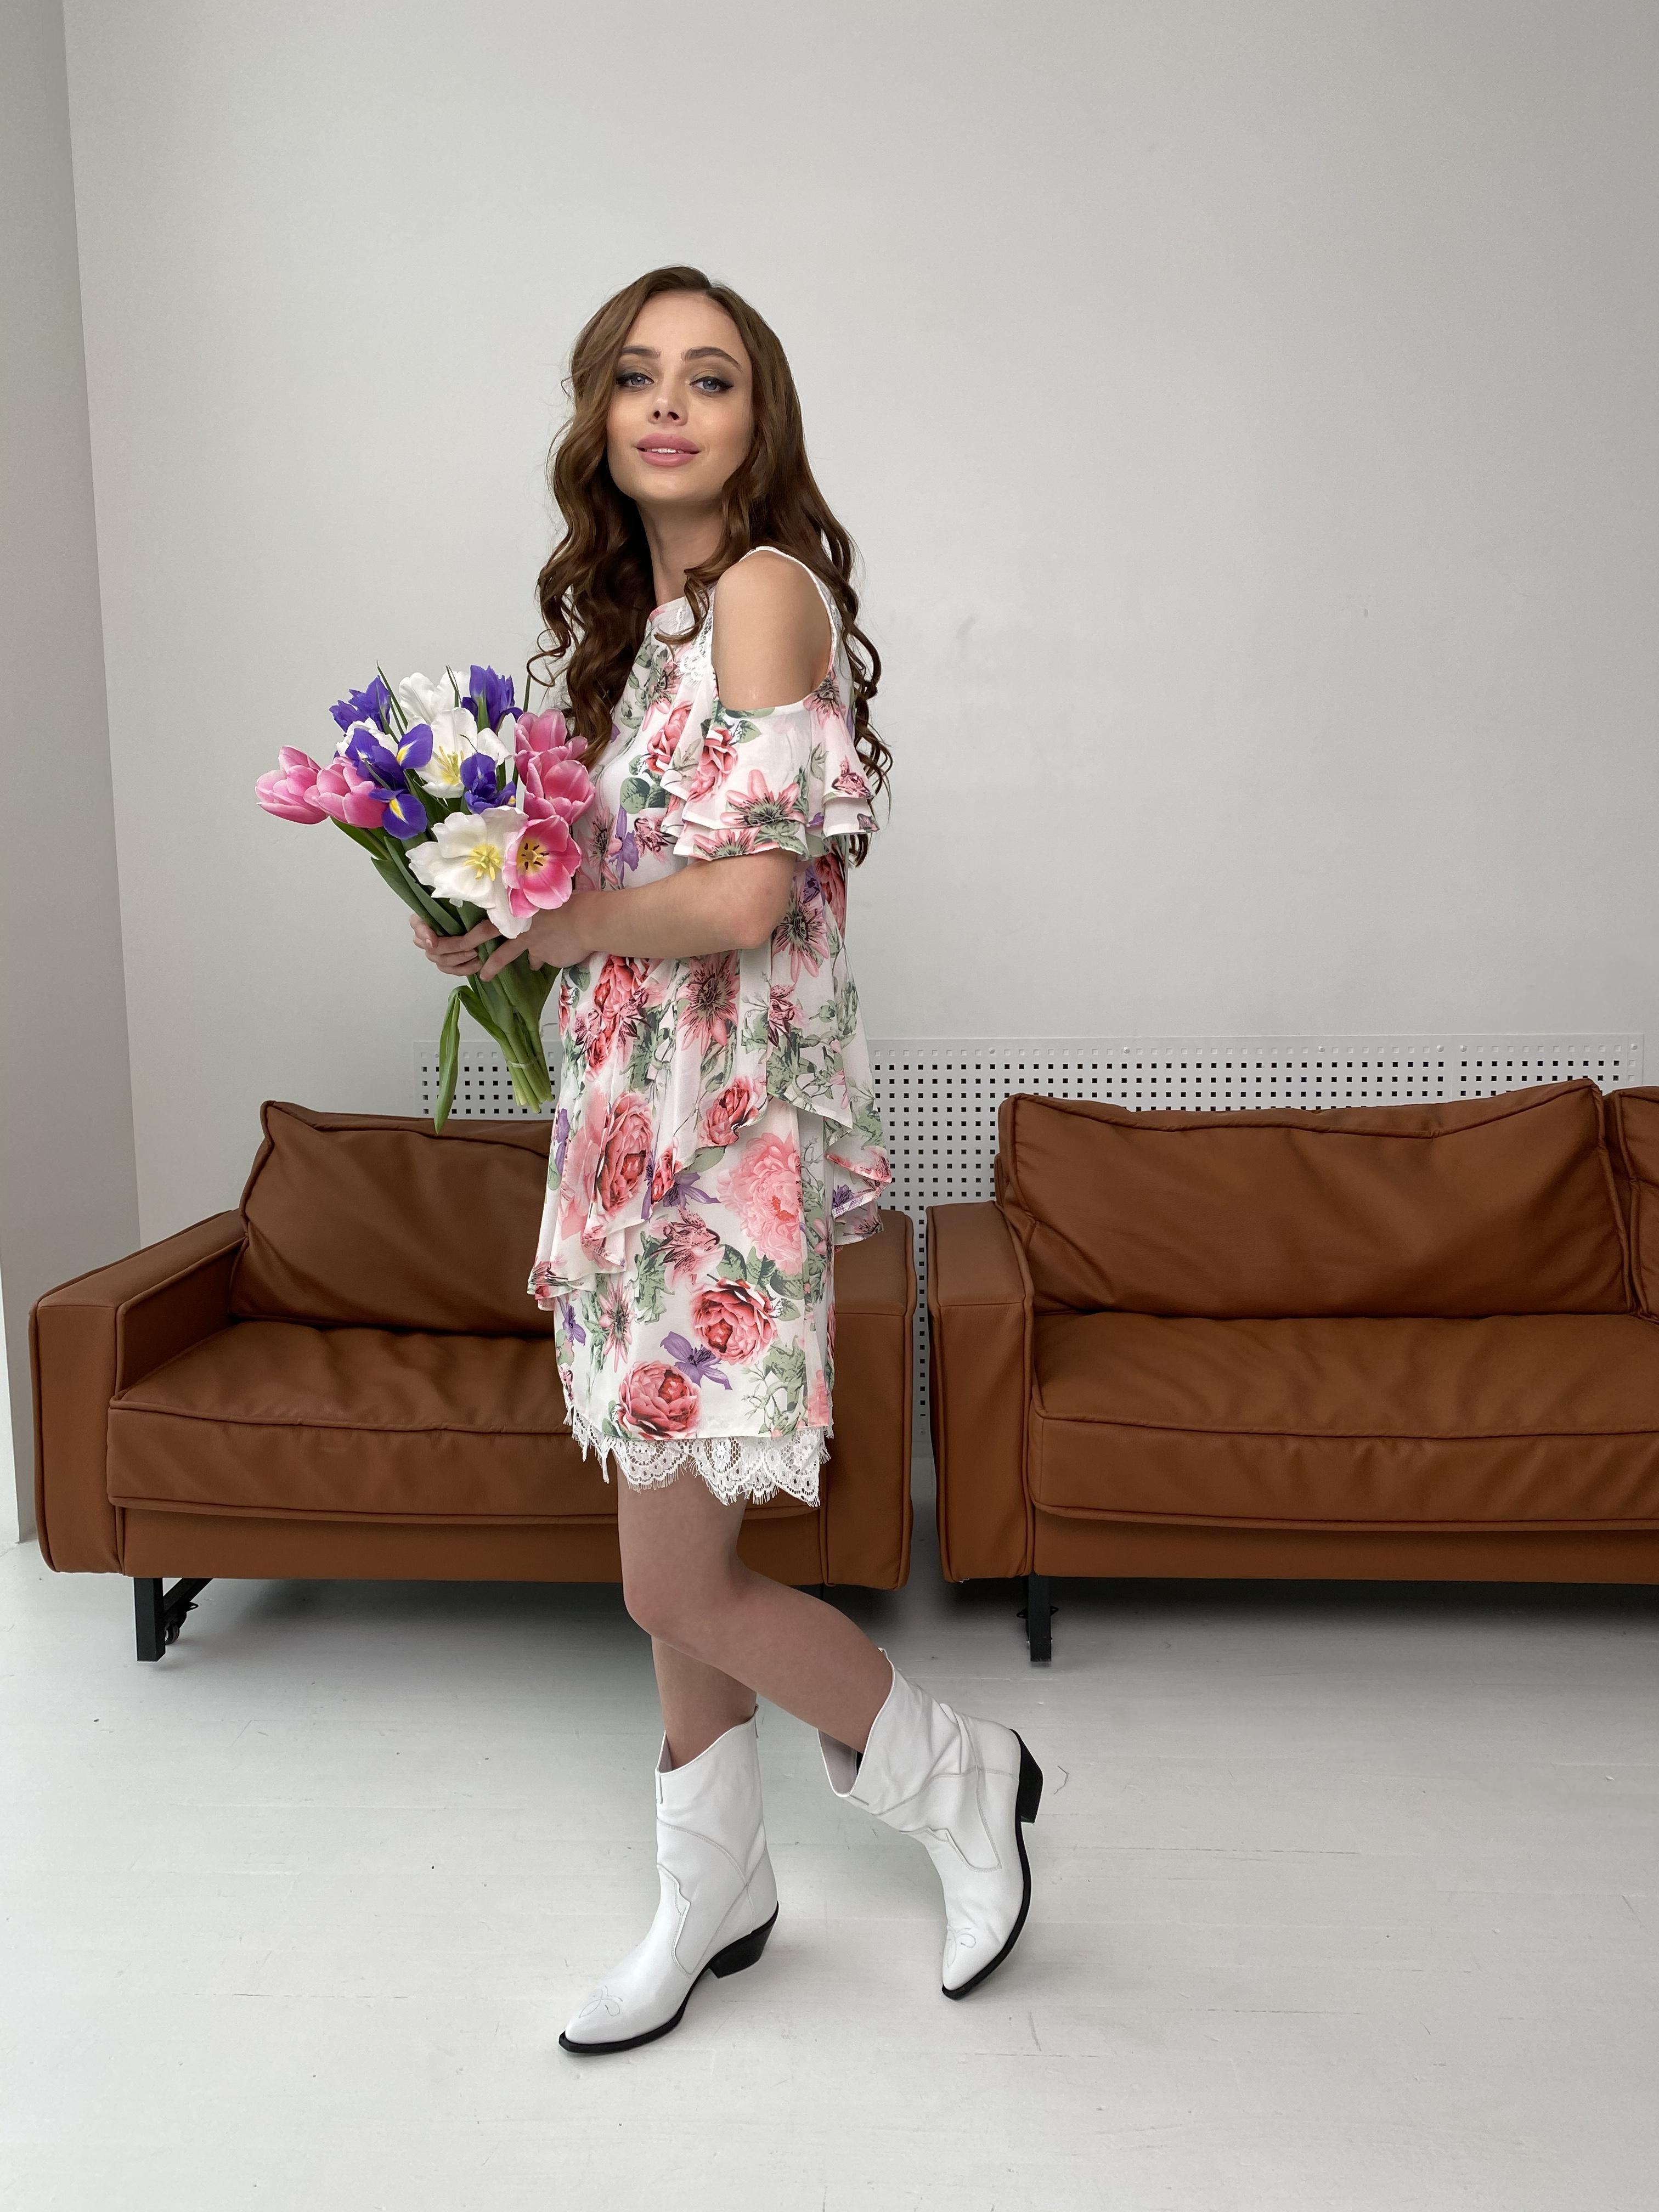 Вито платье из шифона 6945 АРТ. 42410 Цвет: Цветы комби беж - фото 3, интернет магазин tm-modus.ru